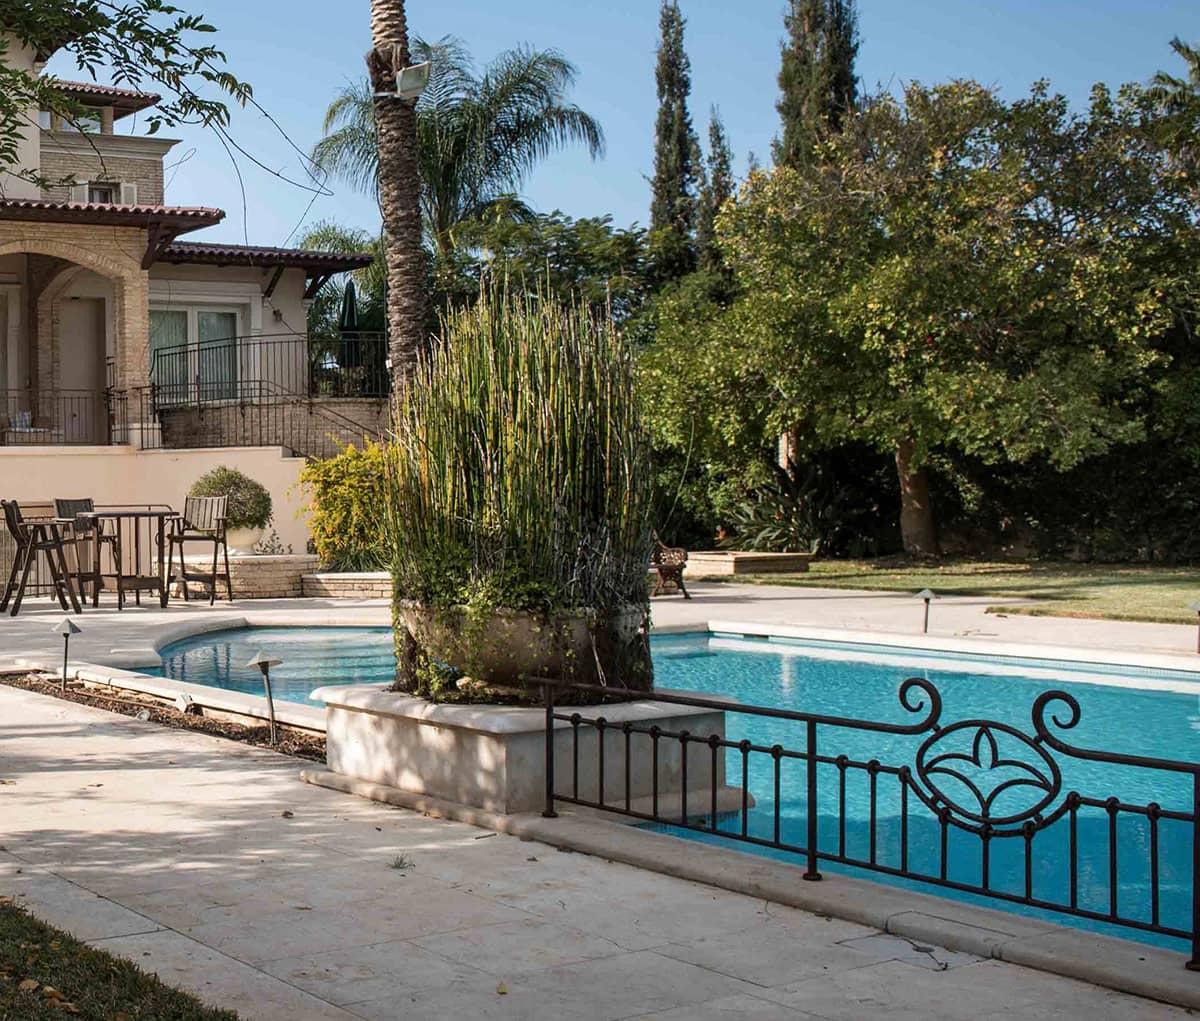 מעקה טבעות עם ״פלור דה לי״ לצד הבריכה - טוסקנה בכפר שמריהו